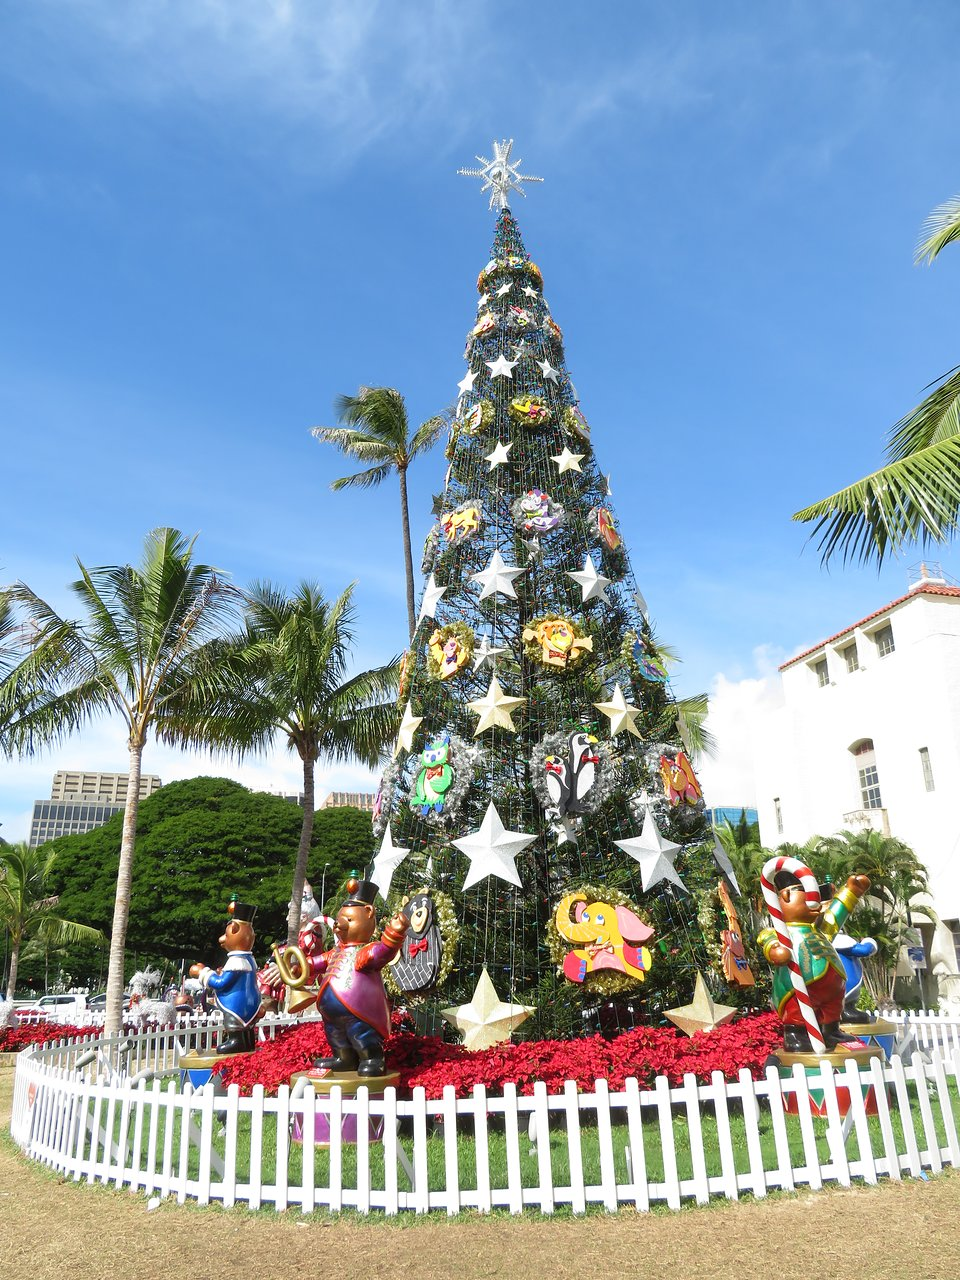 Honolulu Christmas Trolley 2021 Honolulu City Lights 2021 All You Need To Know Before You Go With Photos Tripadvisor